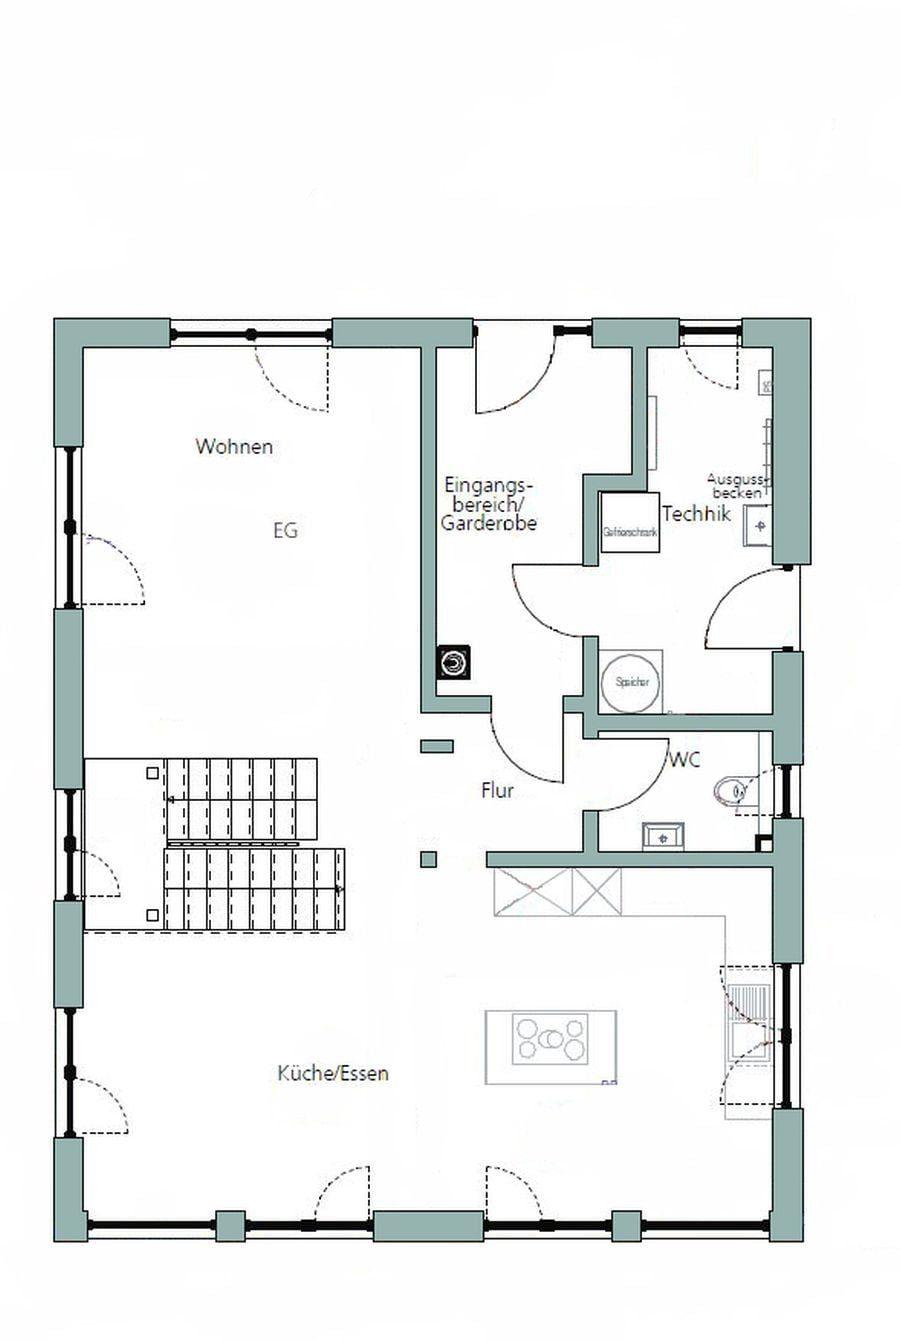 Brentwood Wohnungen - T5M 3B1